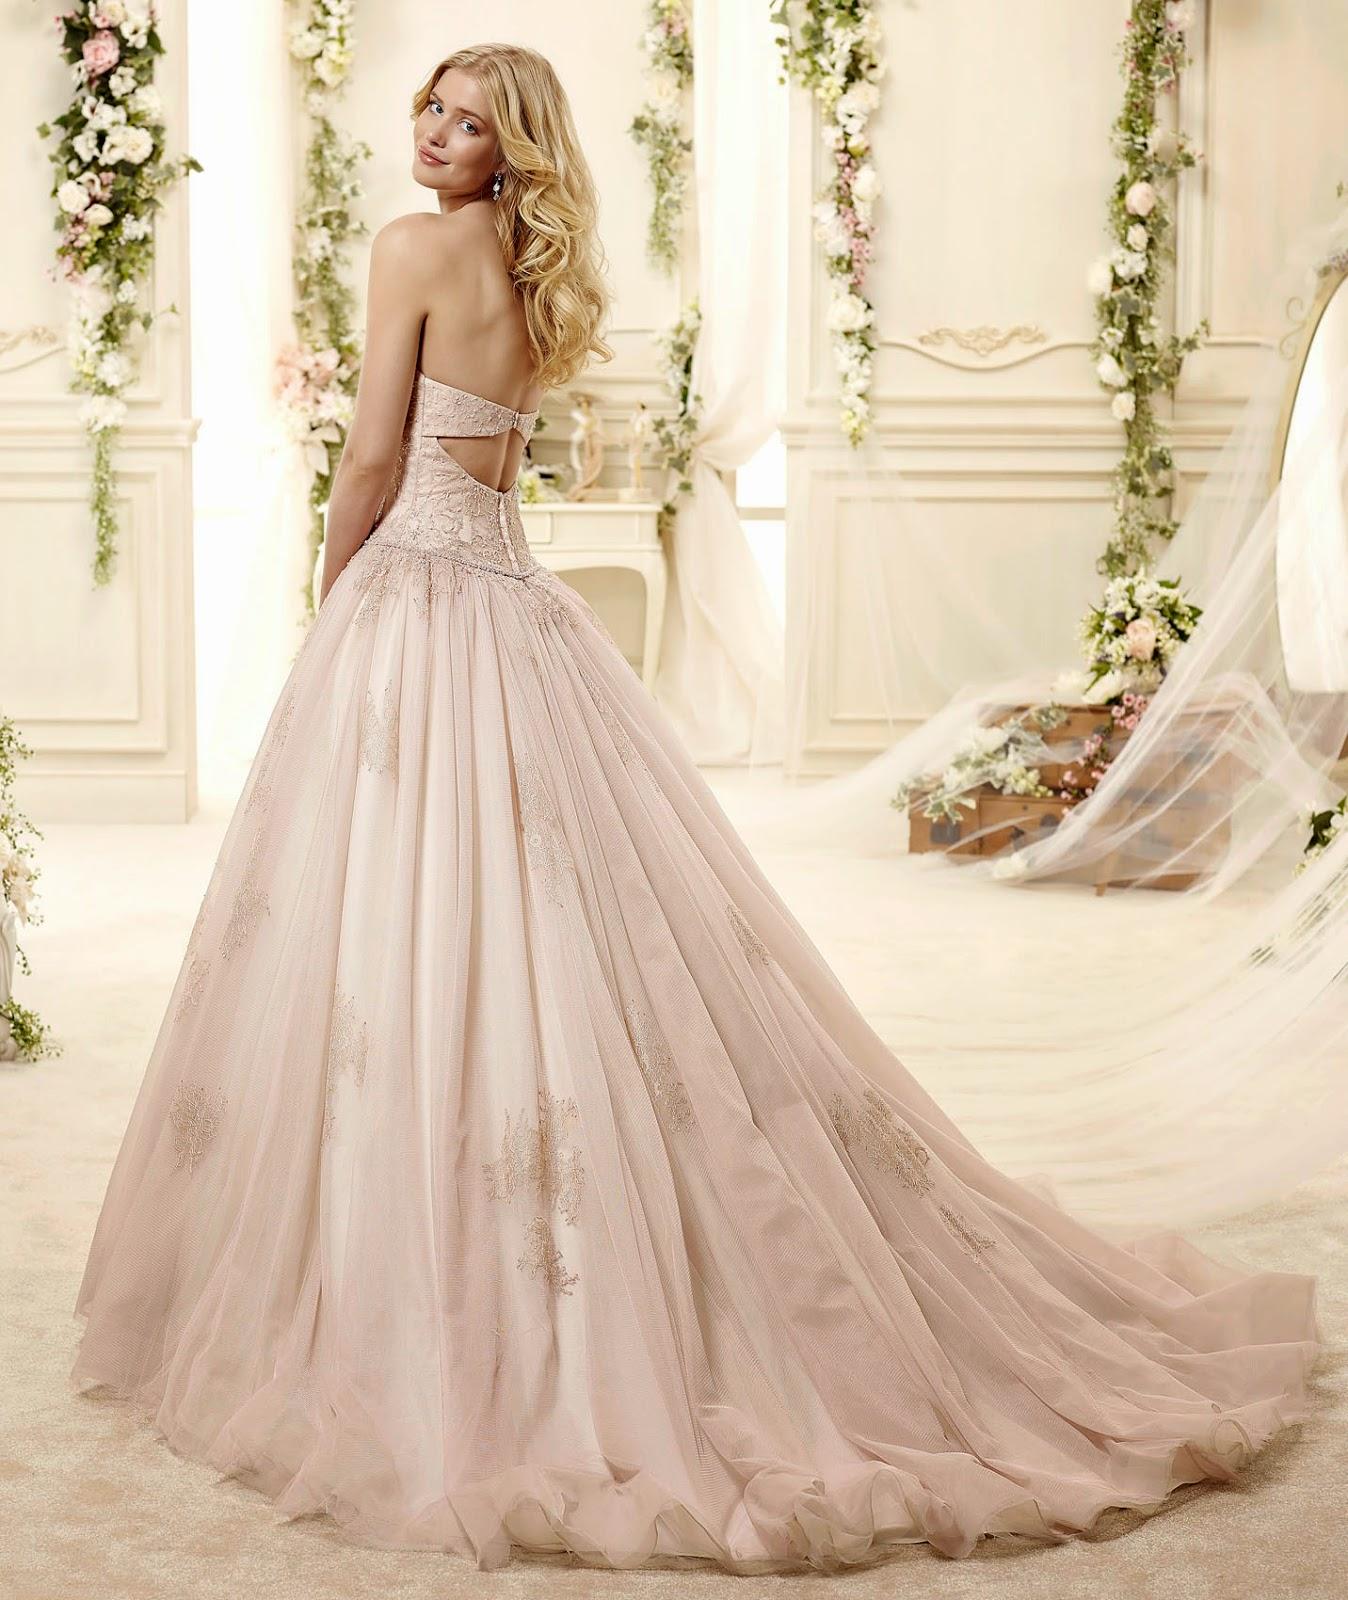 Super Matrimonio 2015 tendenze, collezioni sposa e temi nozze! JQ47